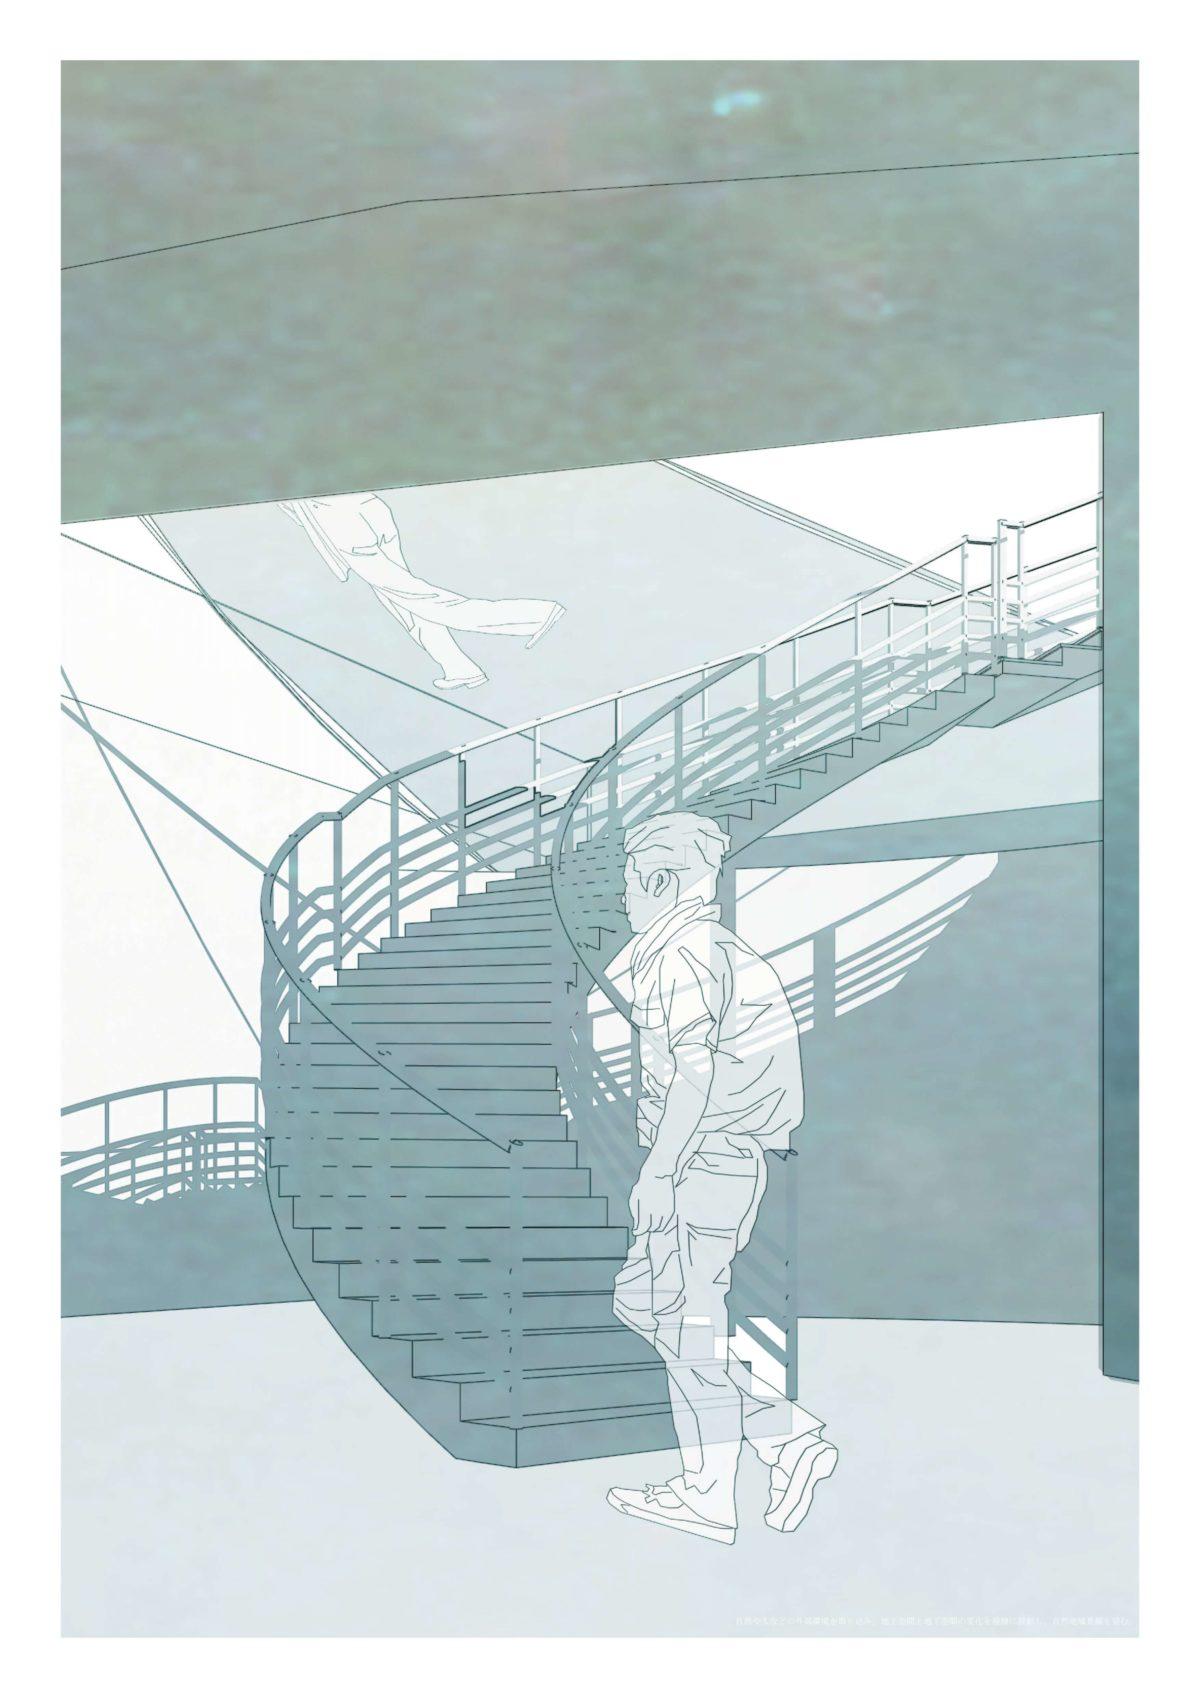 風景を想起する第五世代美術館建築 -歌川広重による名所江戸百景の分析を通して--14